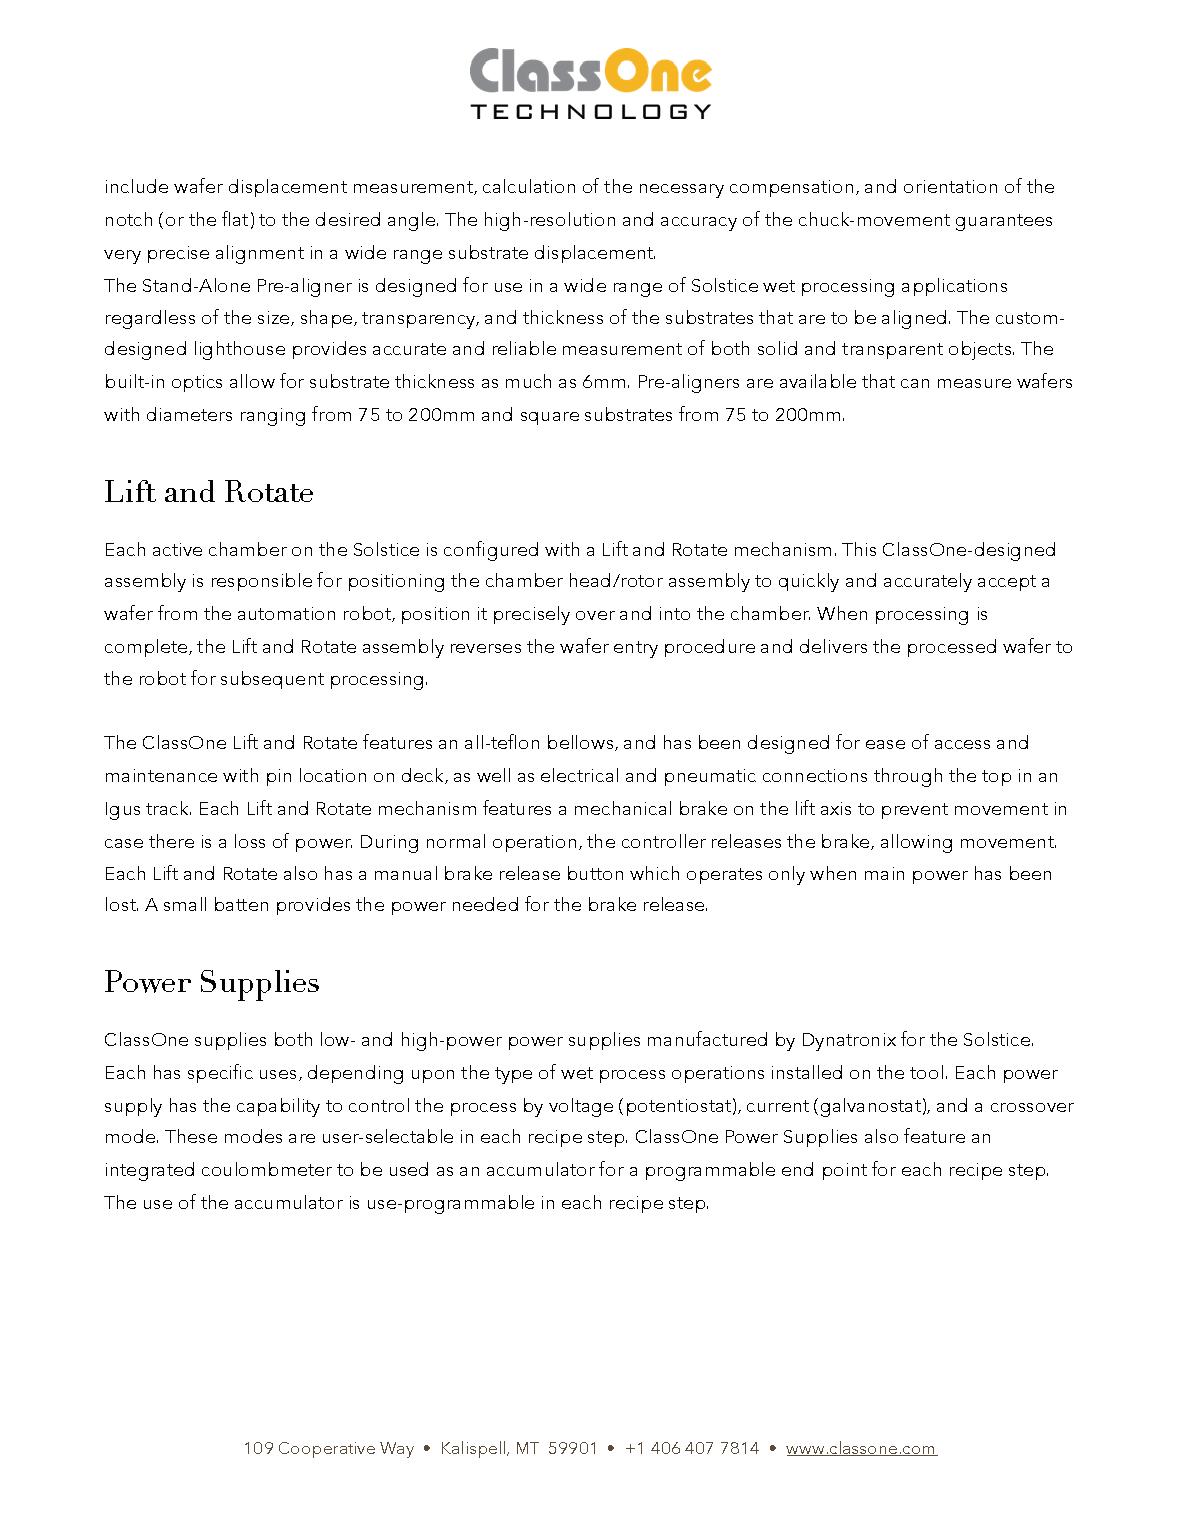 Solstice S8 Product Description_Page_06.png